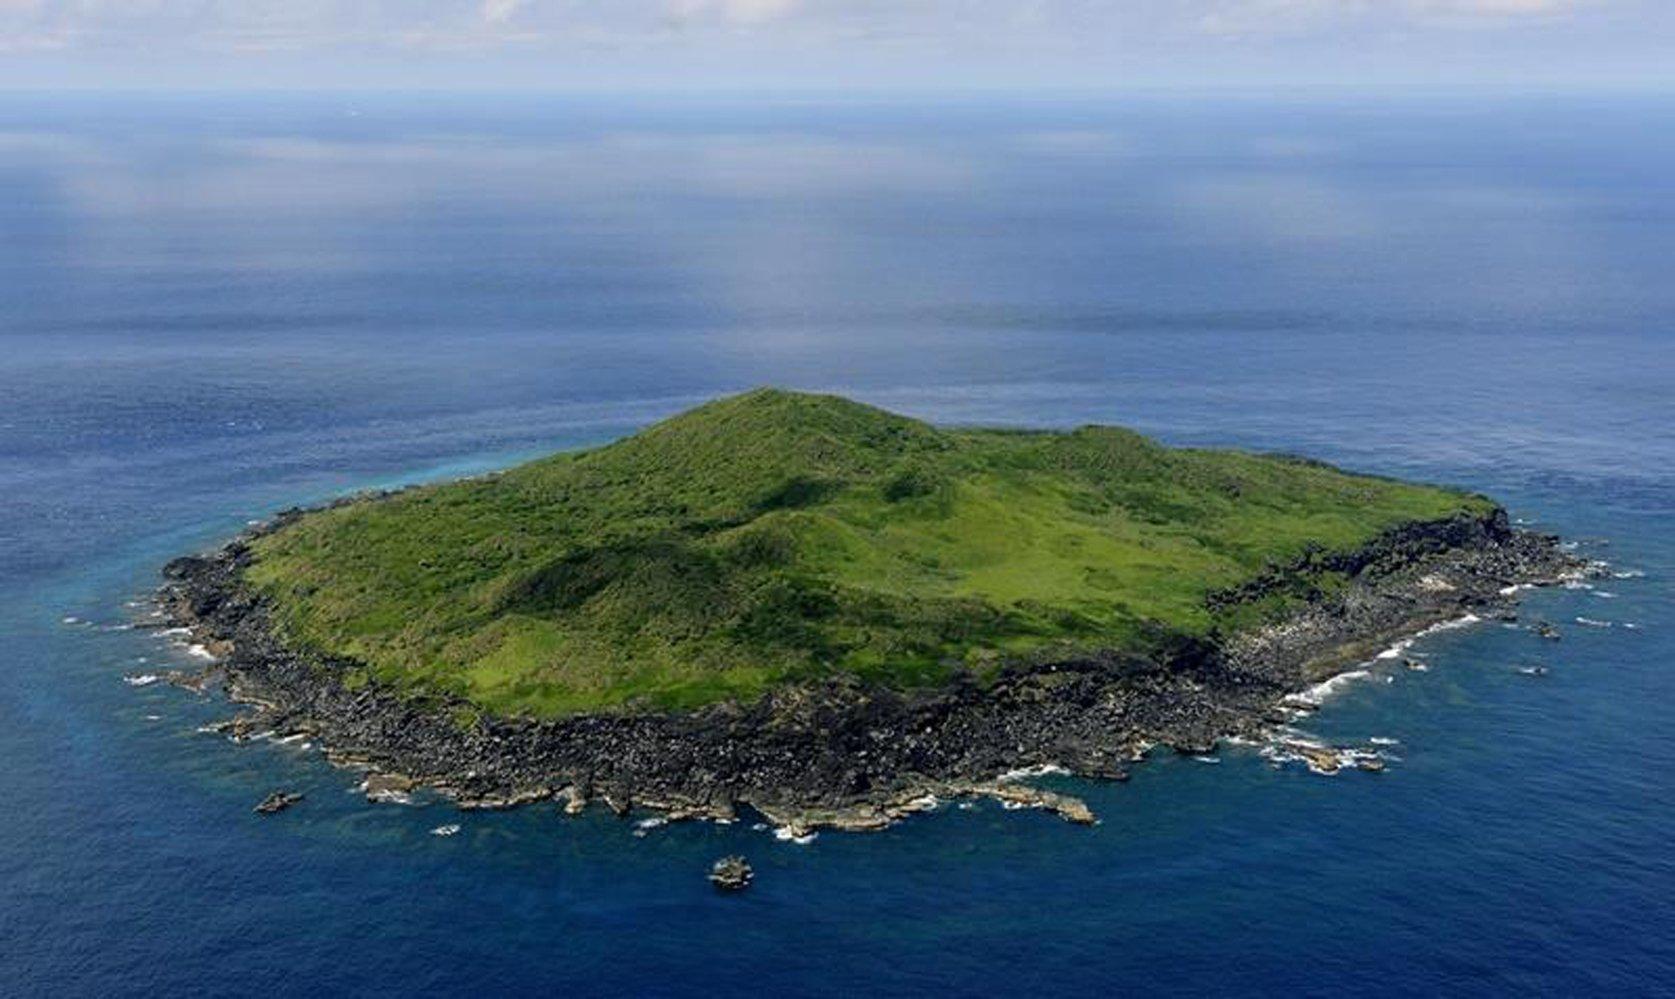 為反制中共《海警法》,日本17日宣佈不排除在釣魚台海域周遭動武。同日,美日舉行了視像會議,共同研討海域安全問題。圖為釣魚台。(中央社)